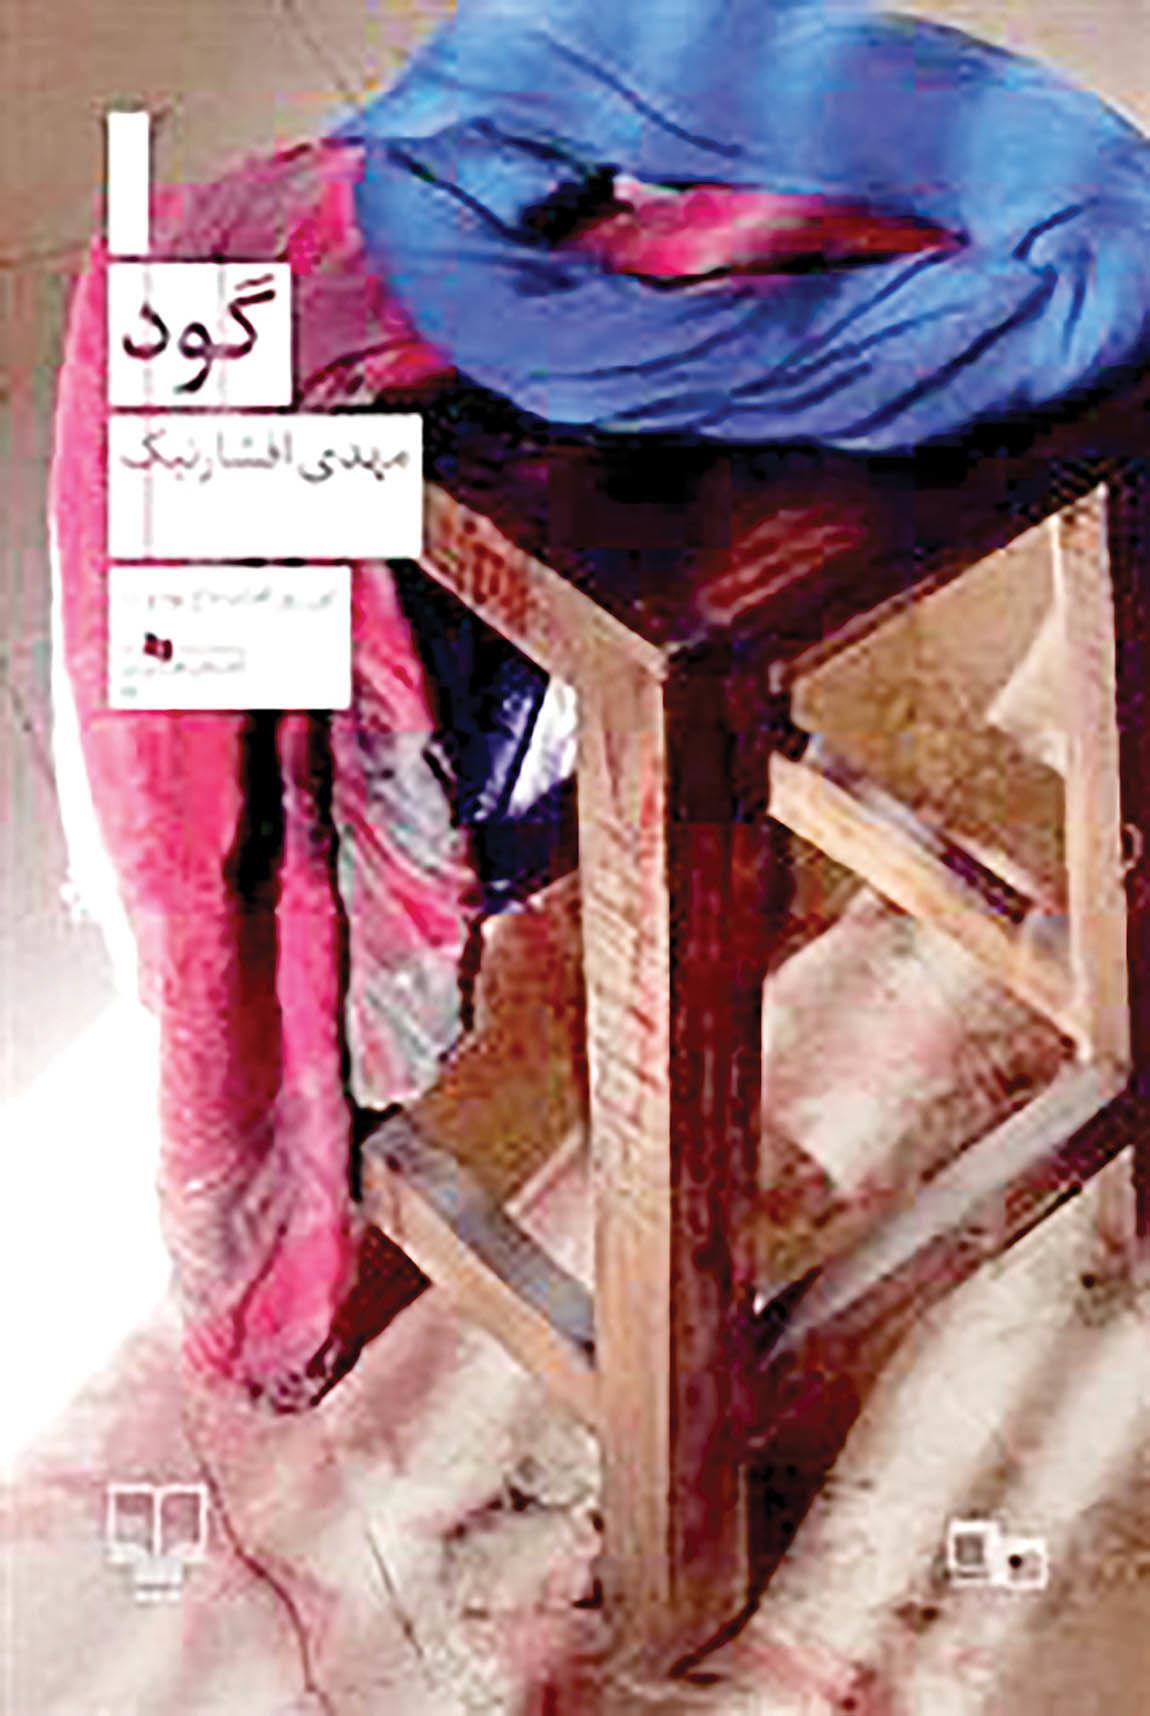 چاپ چهارم رمان «گود» در بازار کتاب